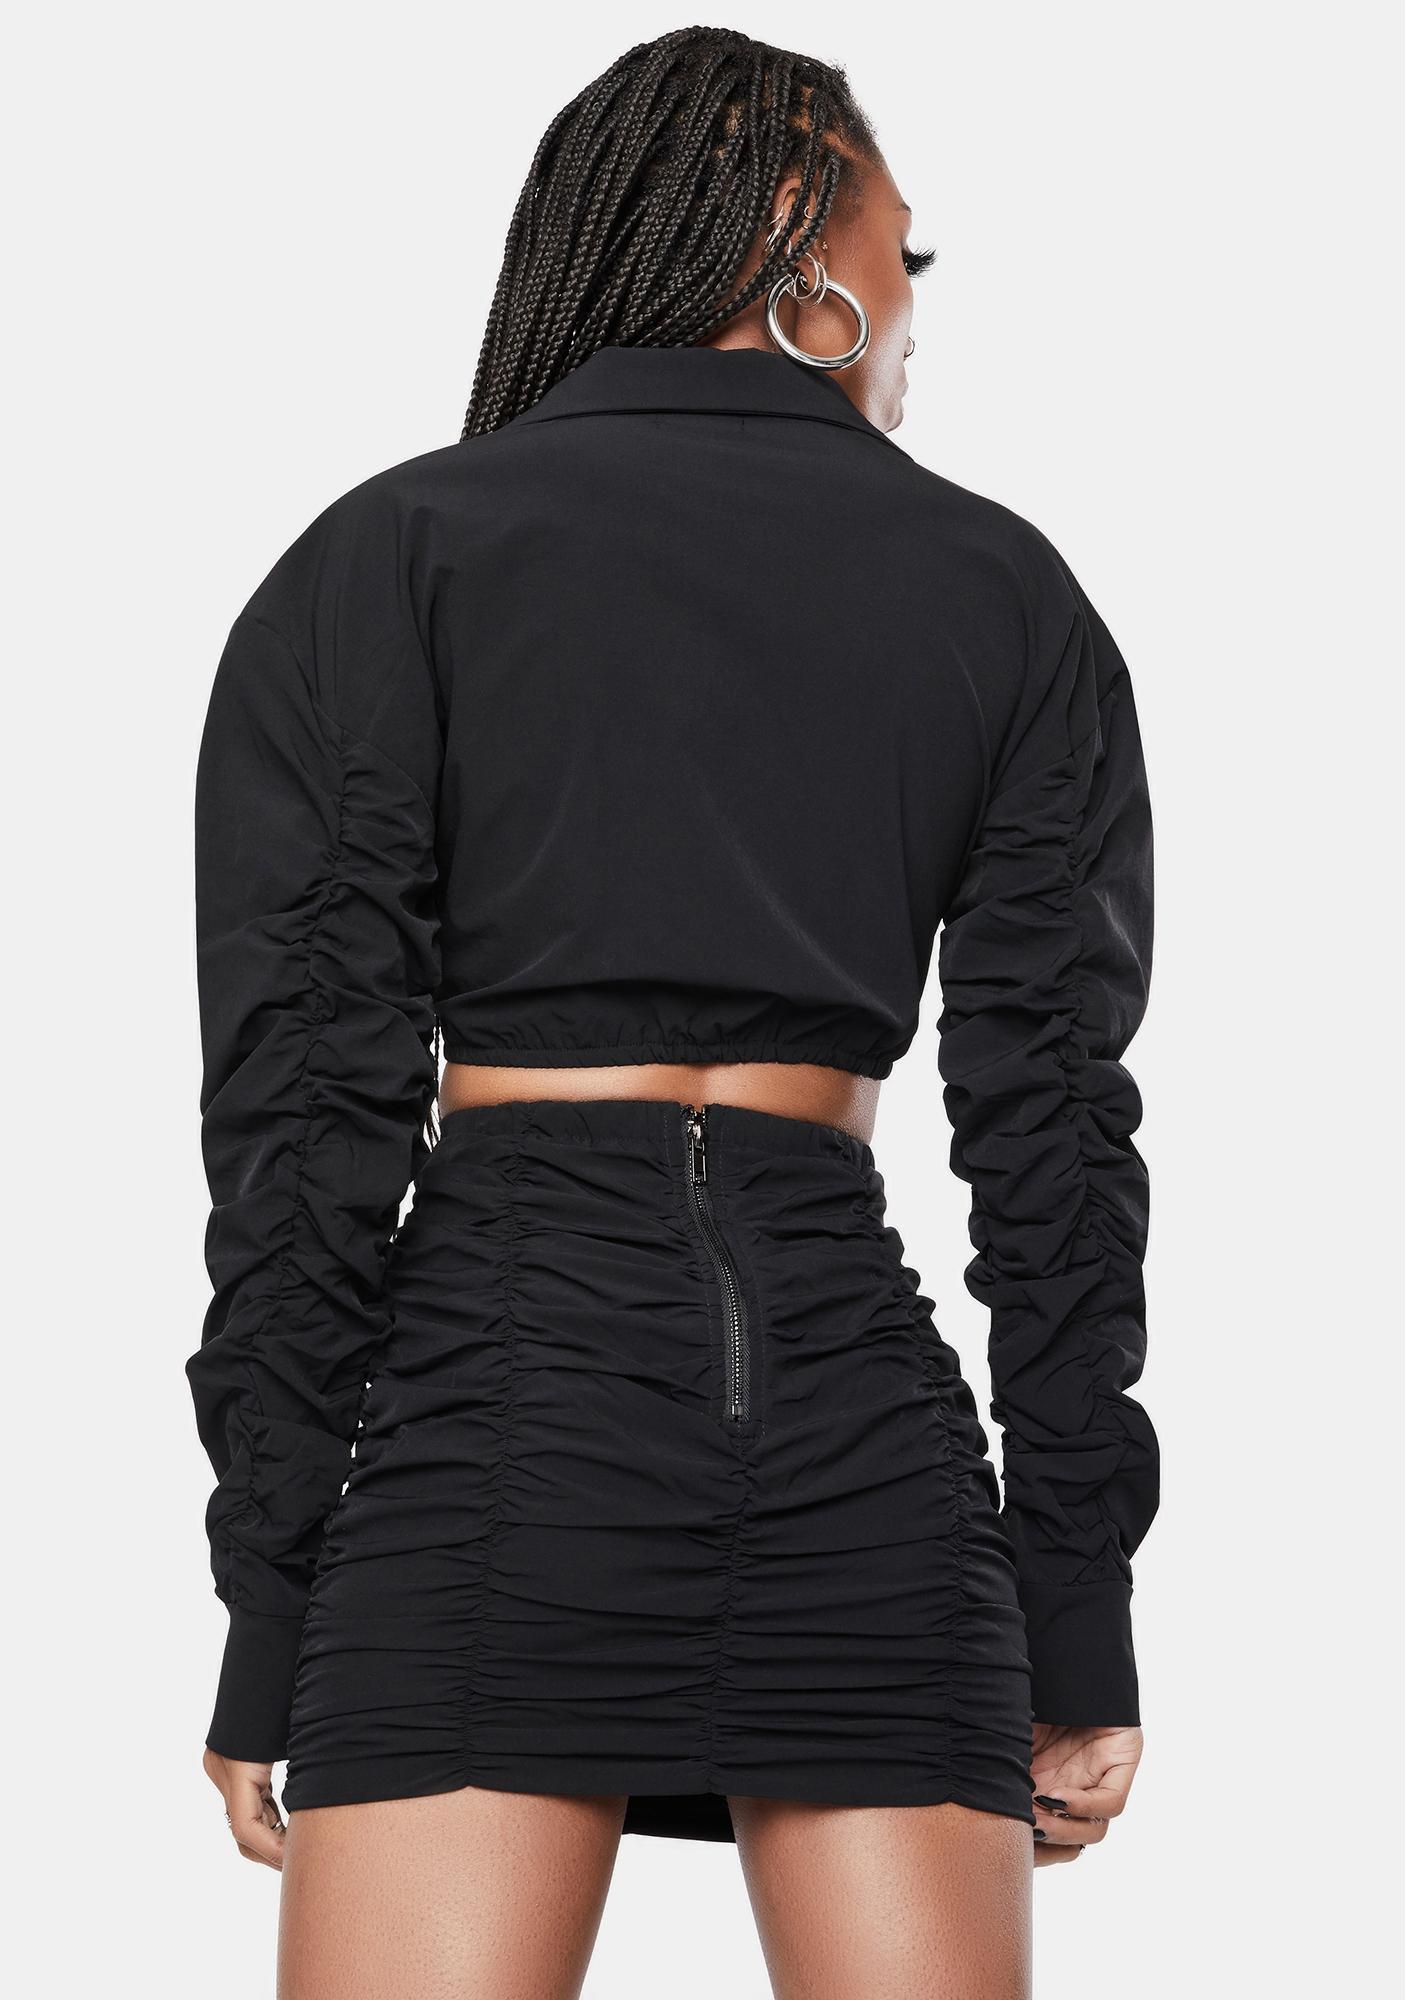 Feel Free Crop Top Skirt Set